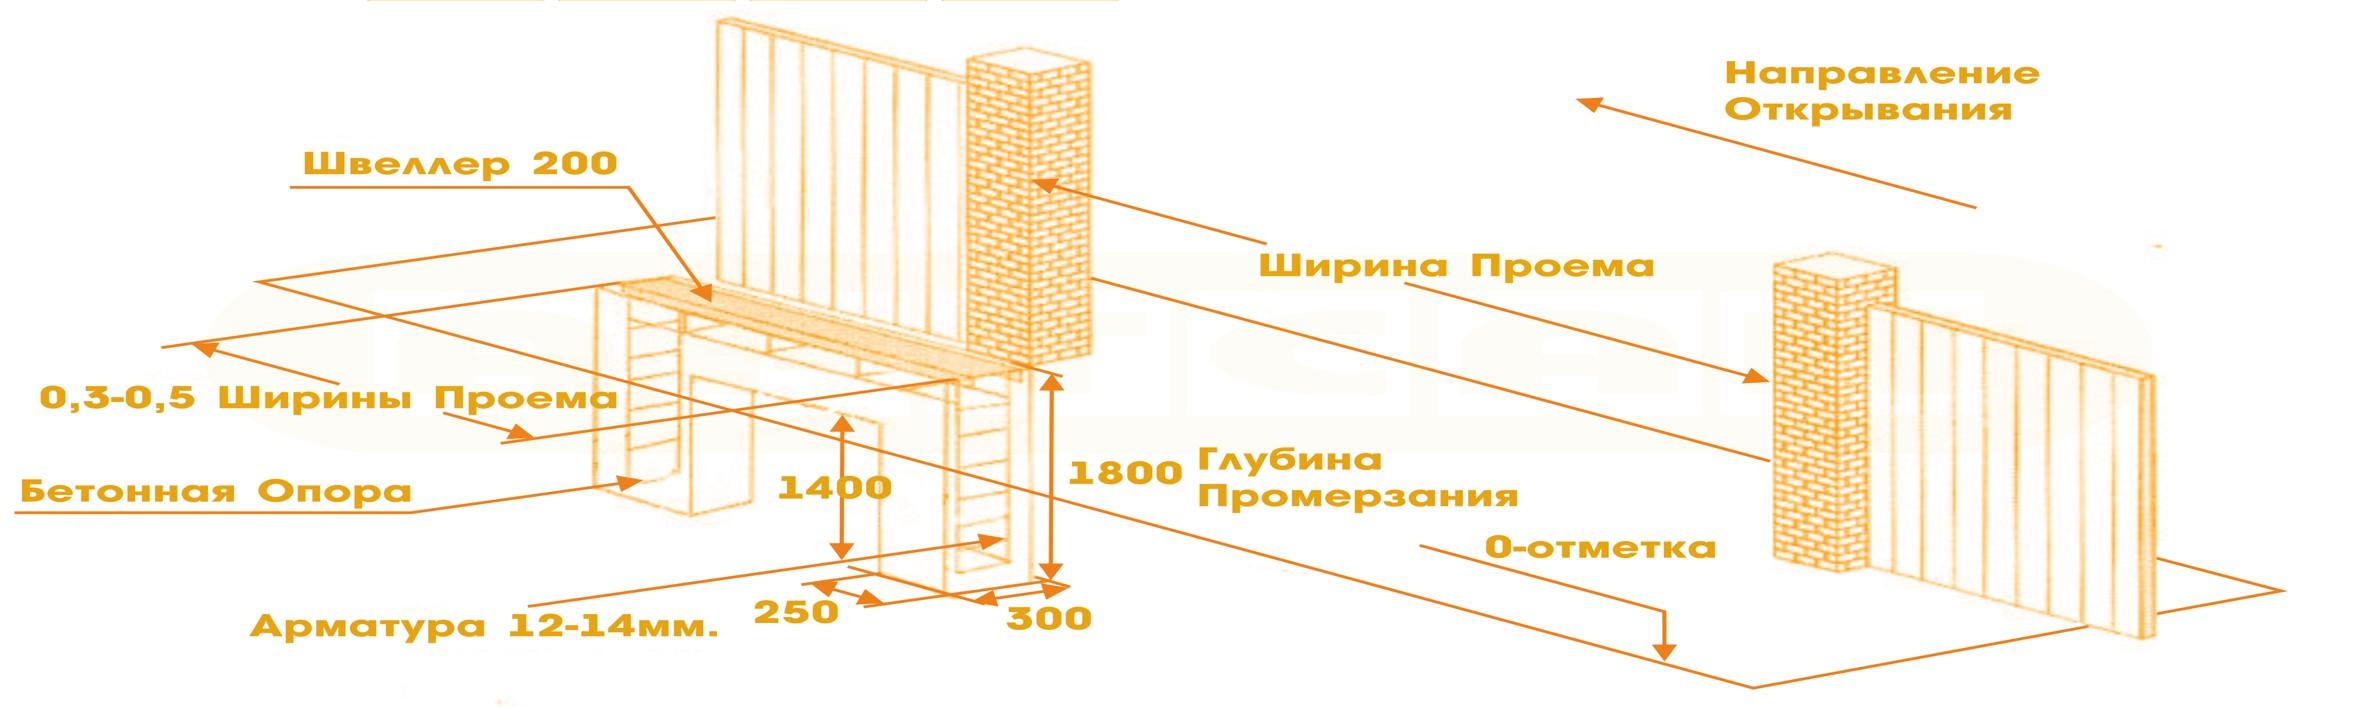 Схема бетонирования основания под откатные (раздвижные) ворота